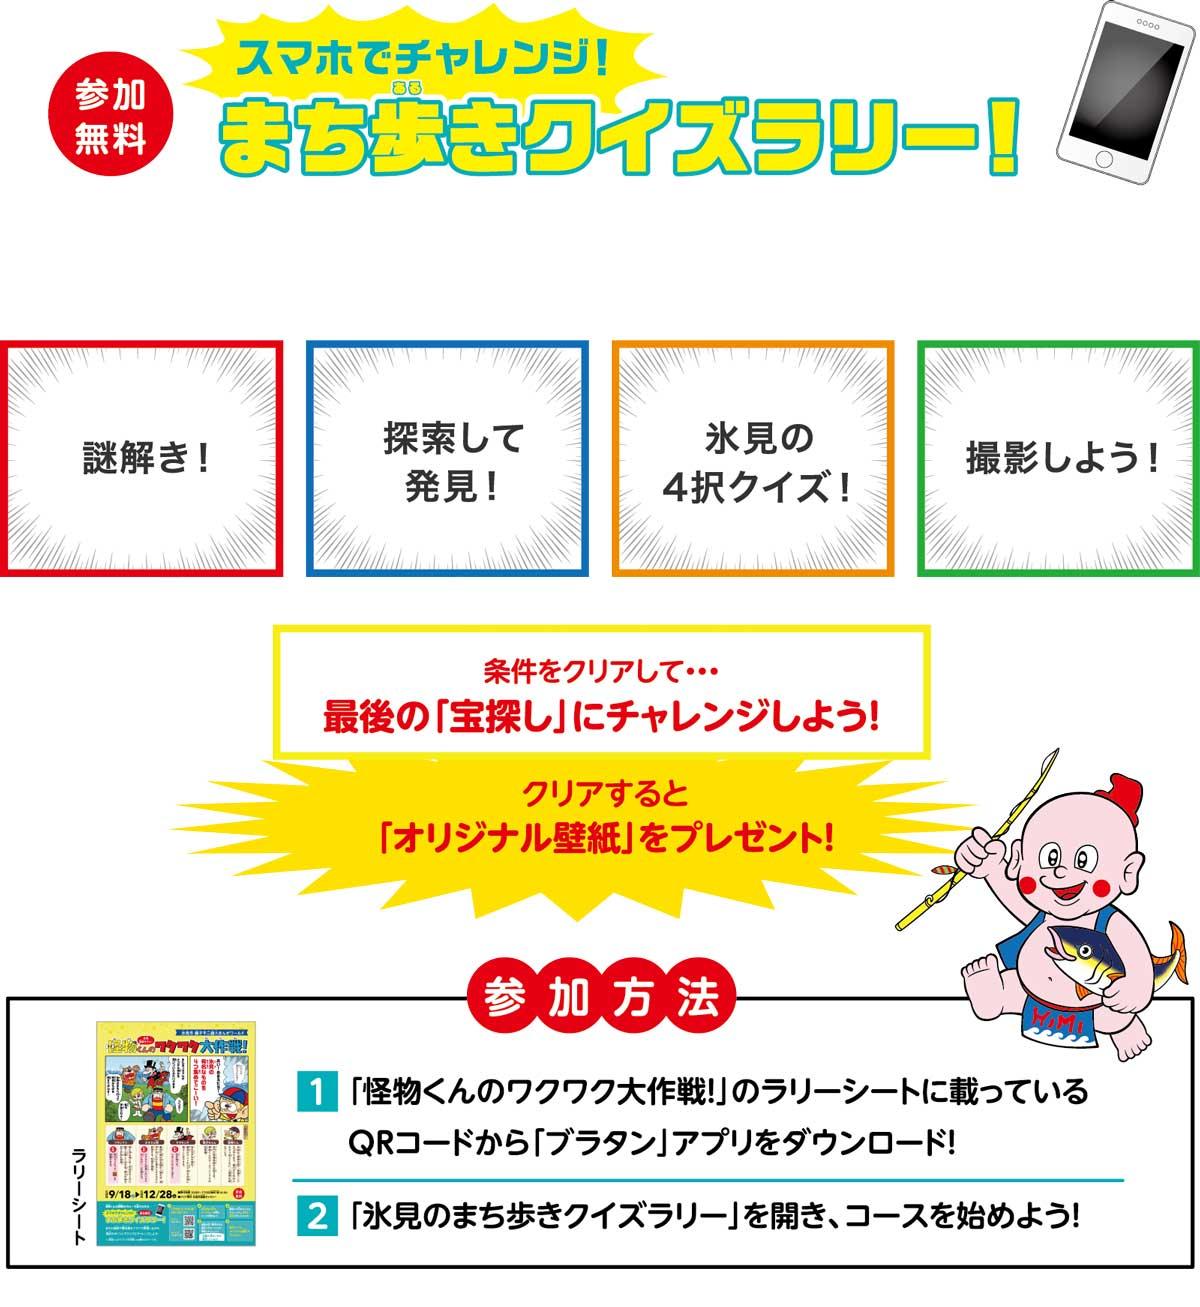 藤子不二雄(A)のふるさと・富山県氷見市でARラリー「まち歩きクイズラリー!」にチャレンジ!